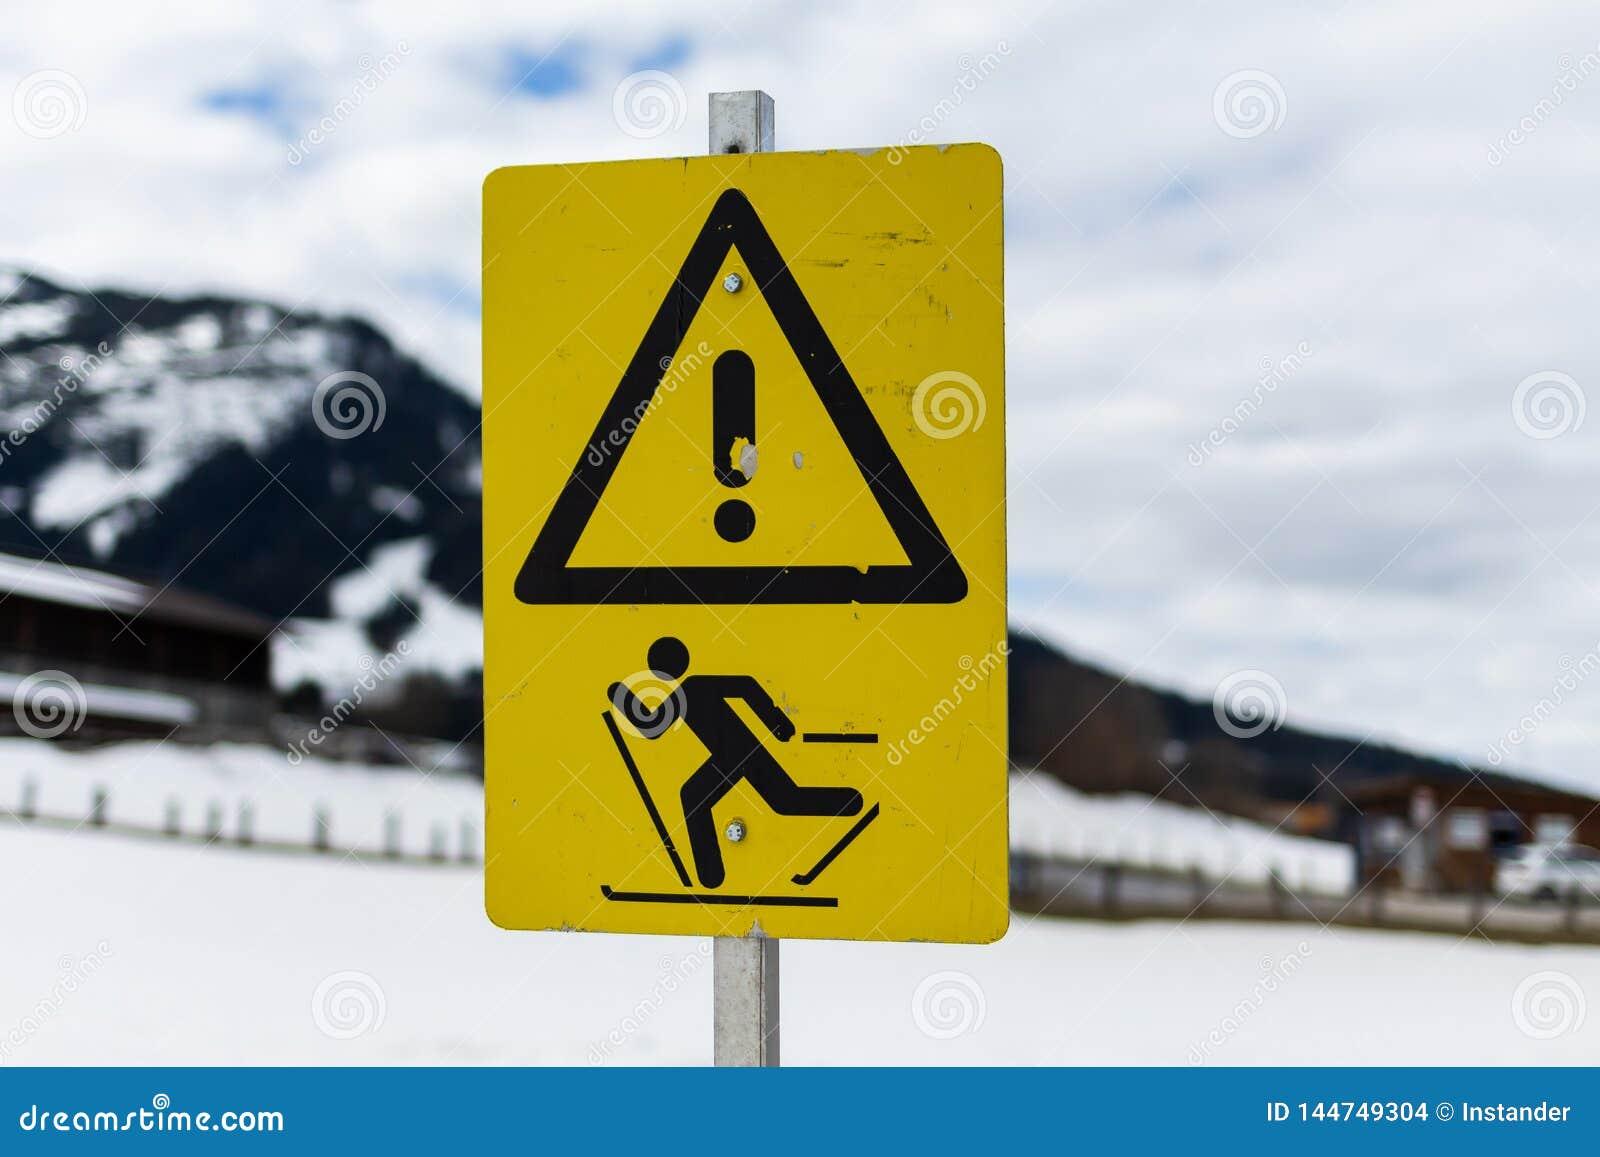 Kirchberg dans le Tirol, le Tirol/Autriche : Le 28 mars 2019 : le panneau d avertissement qui avertit pour des personnes sur des